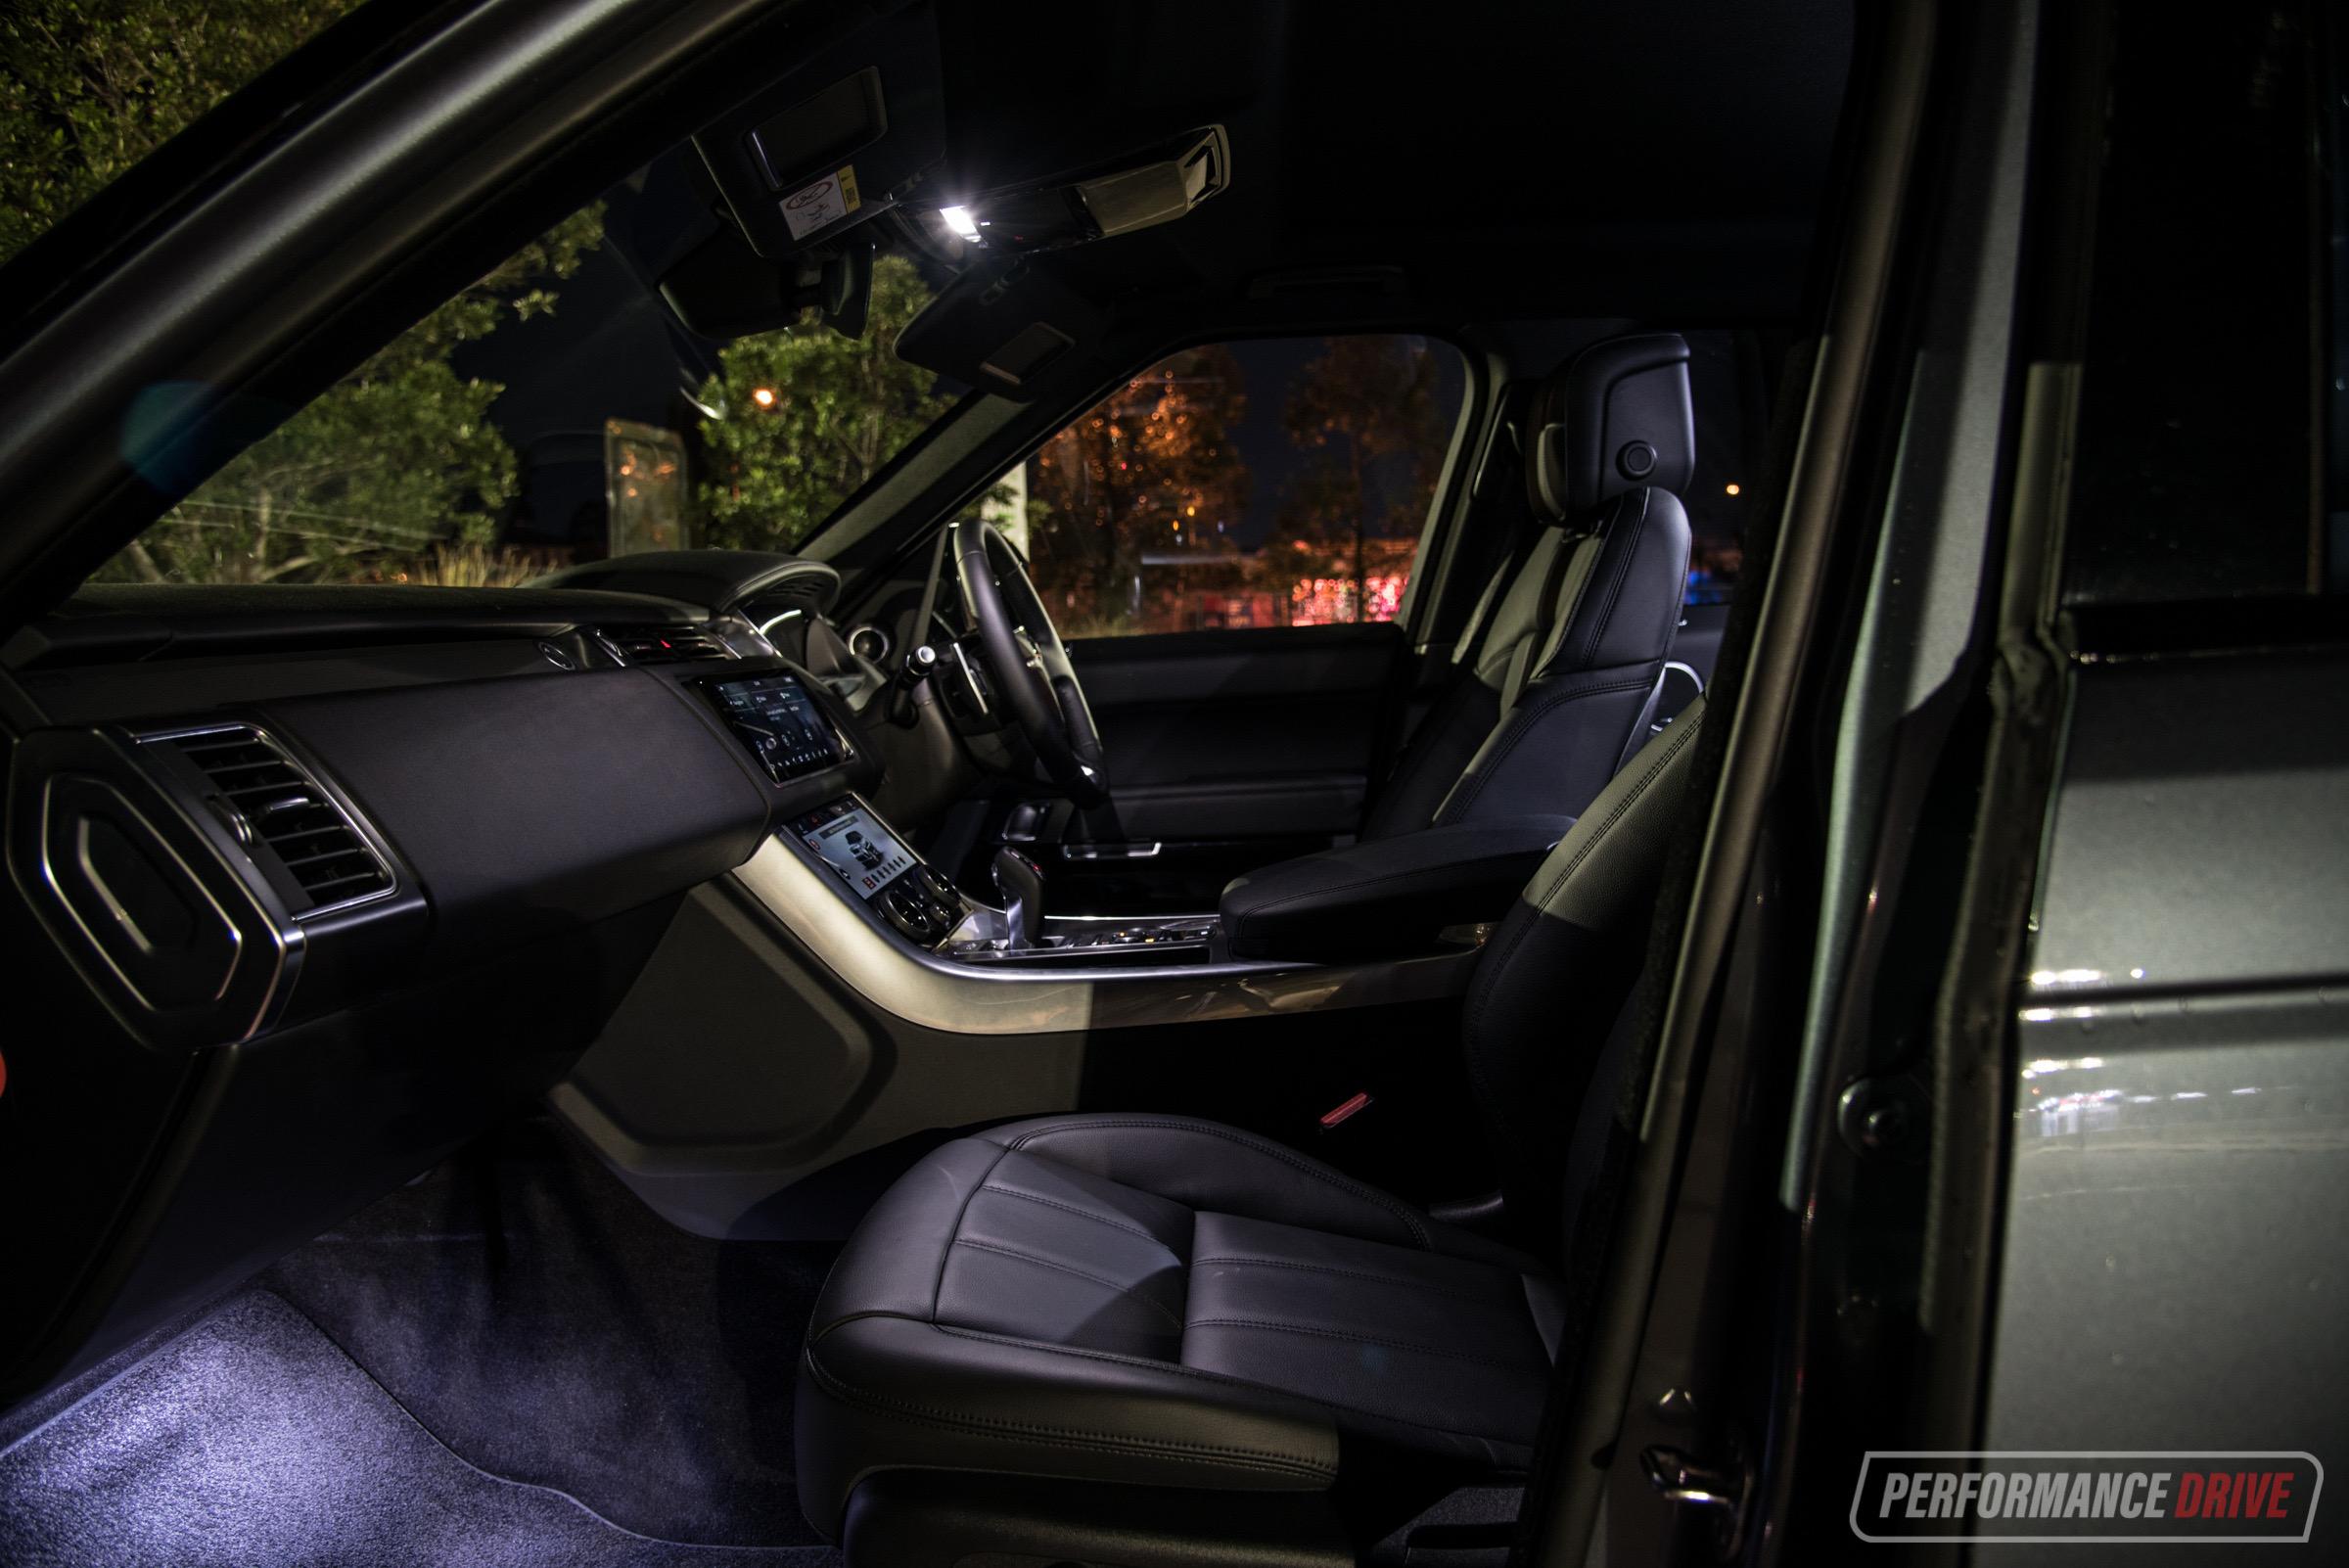 2018 Range Rover Sport Tdv6 Se Review Video